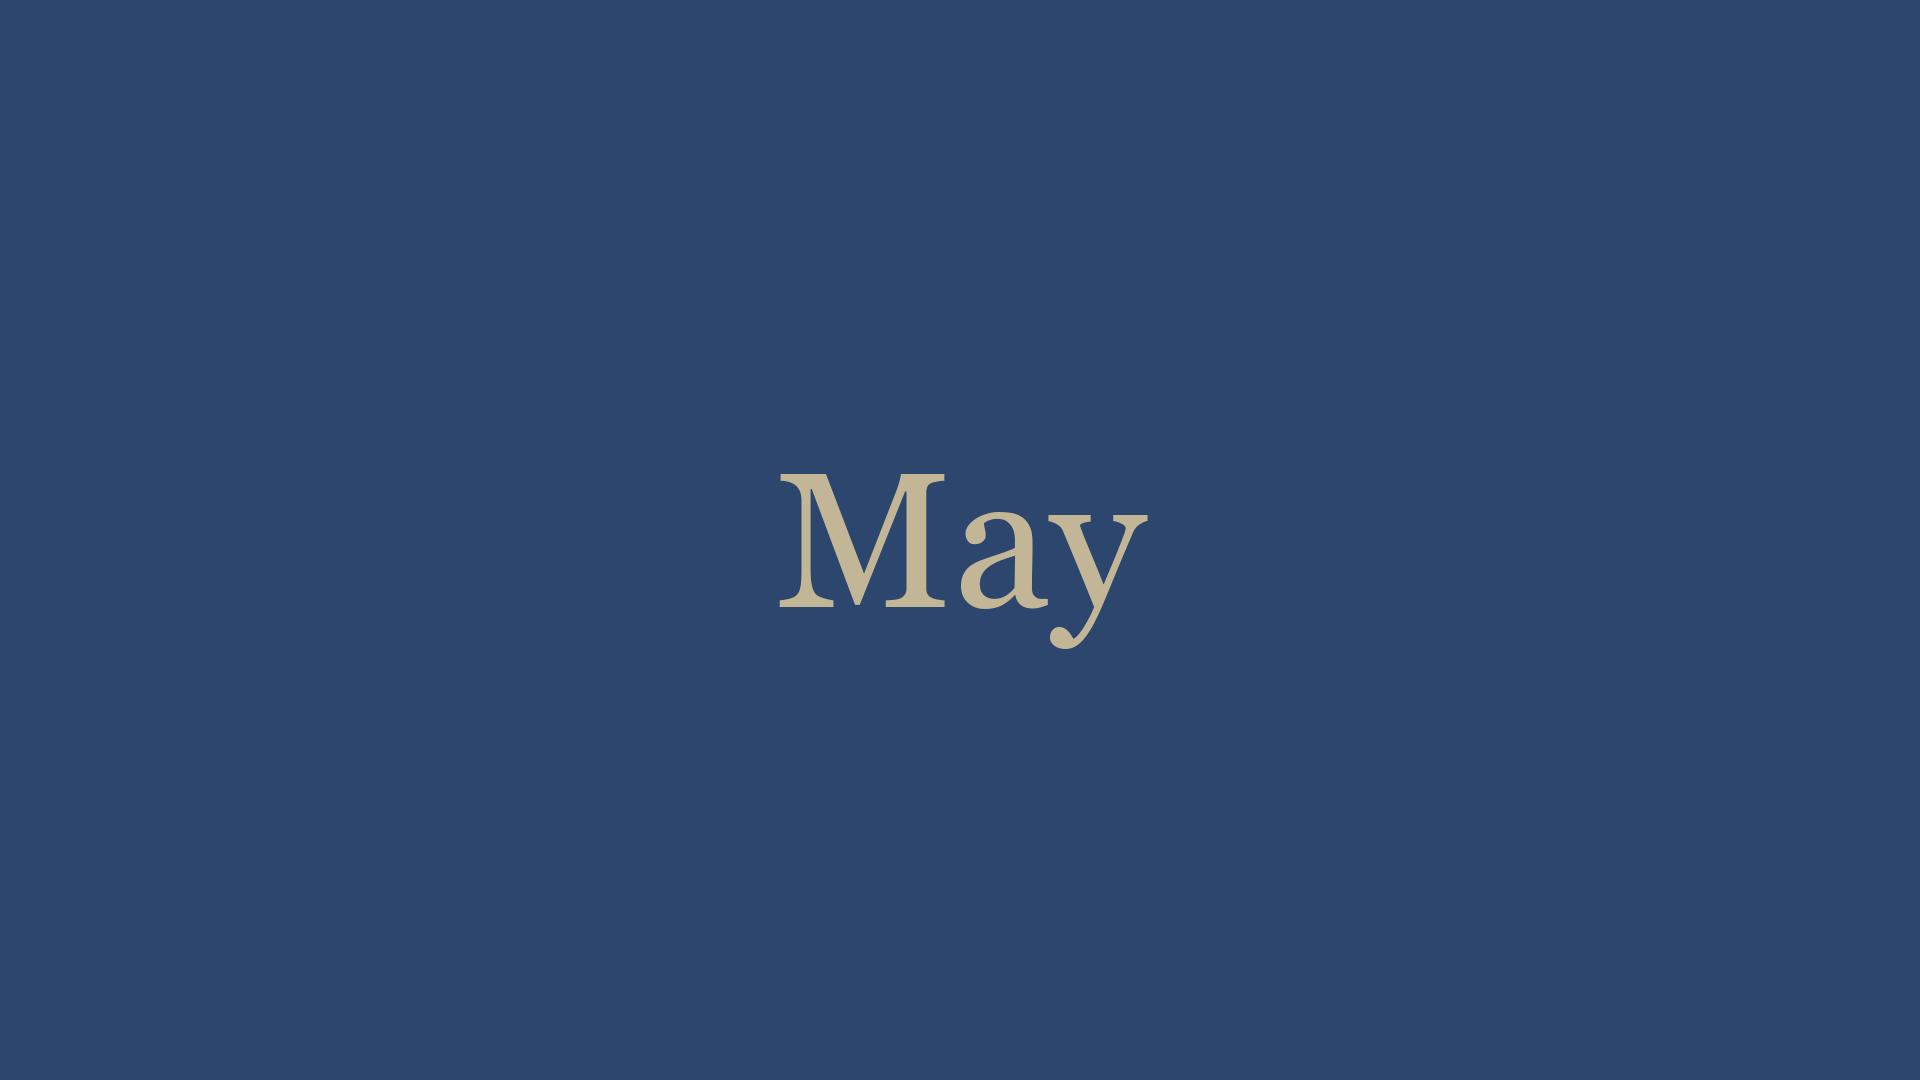 May '21